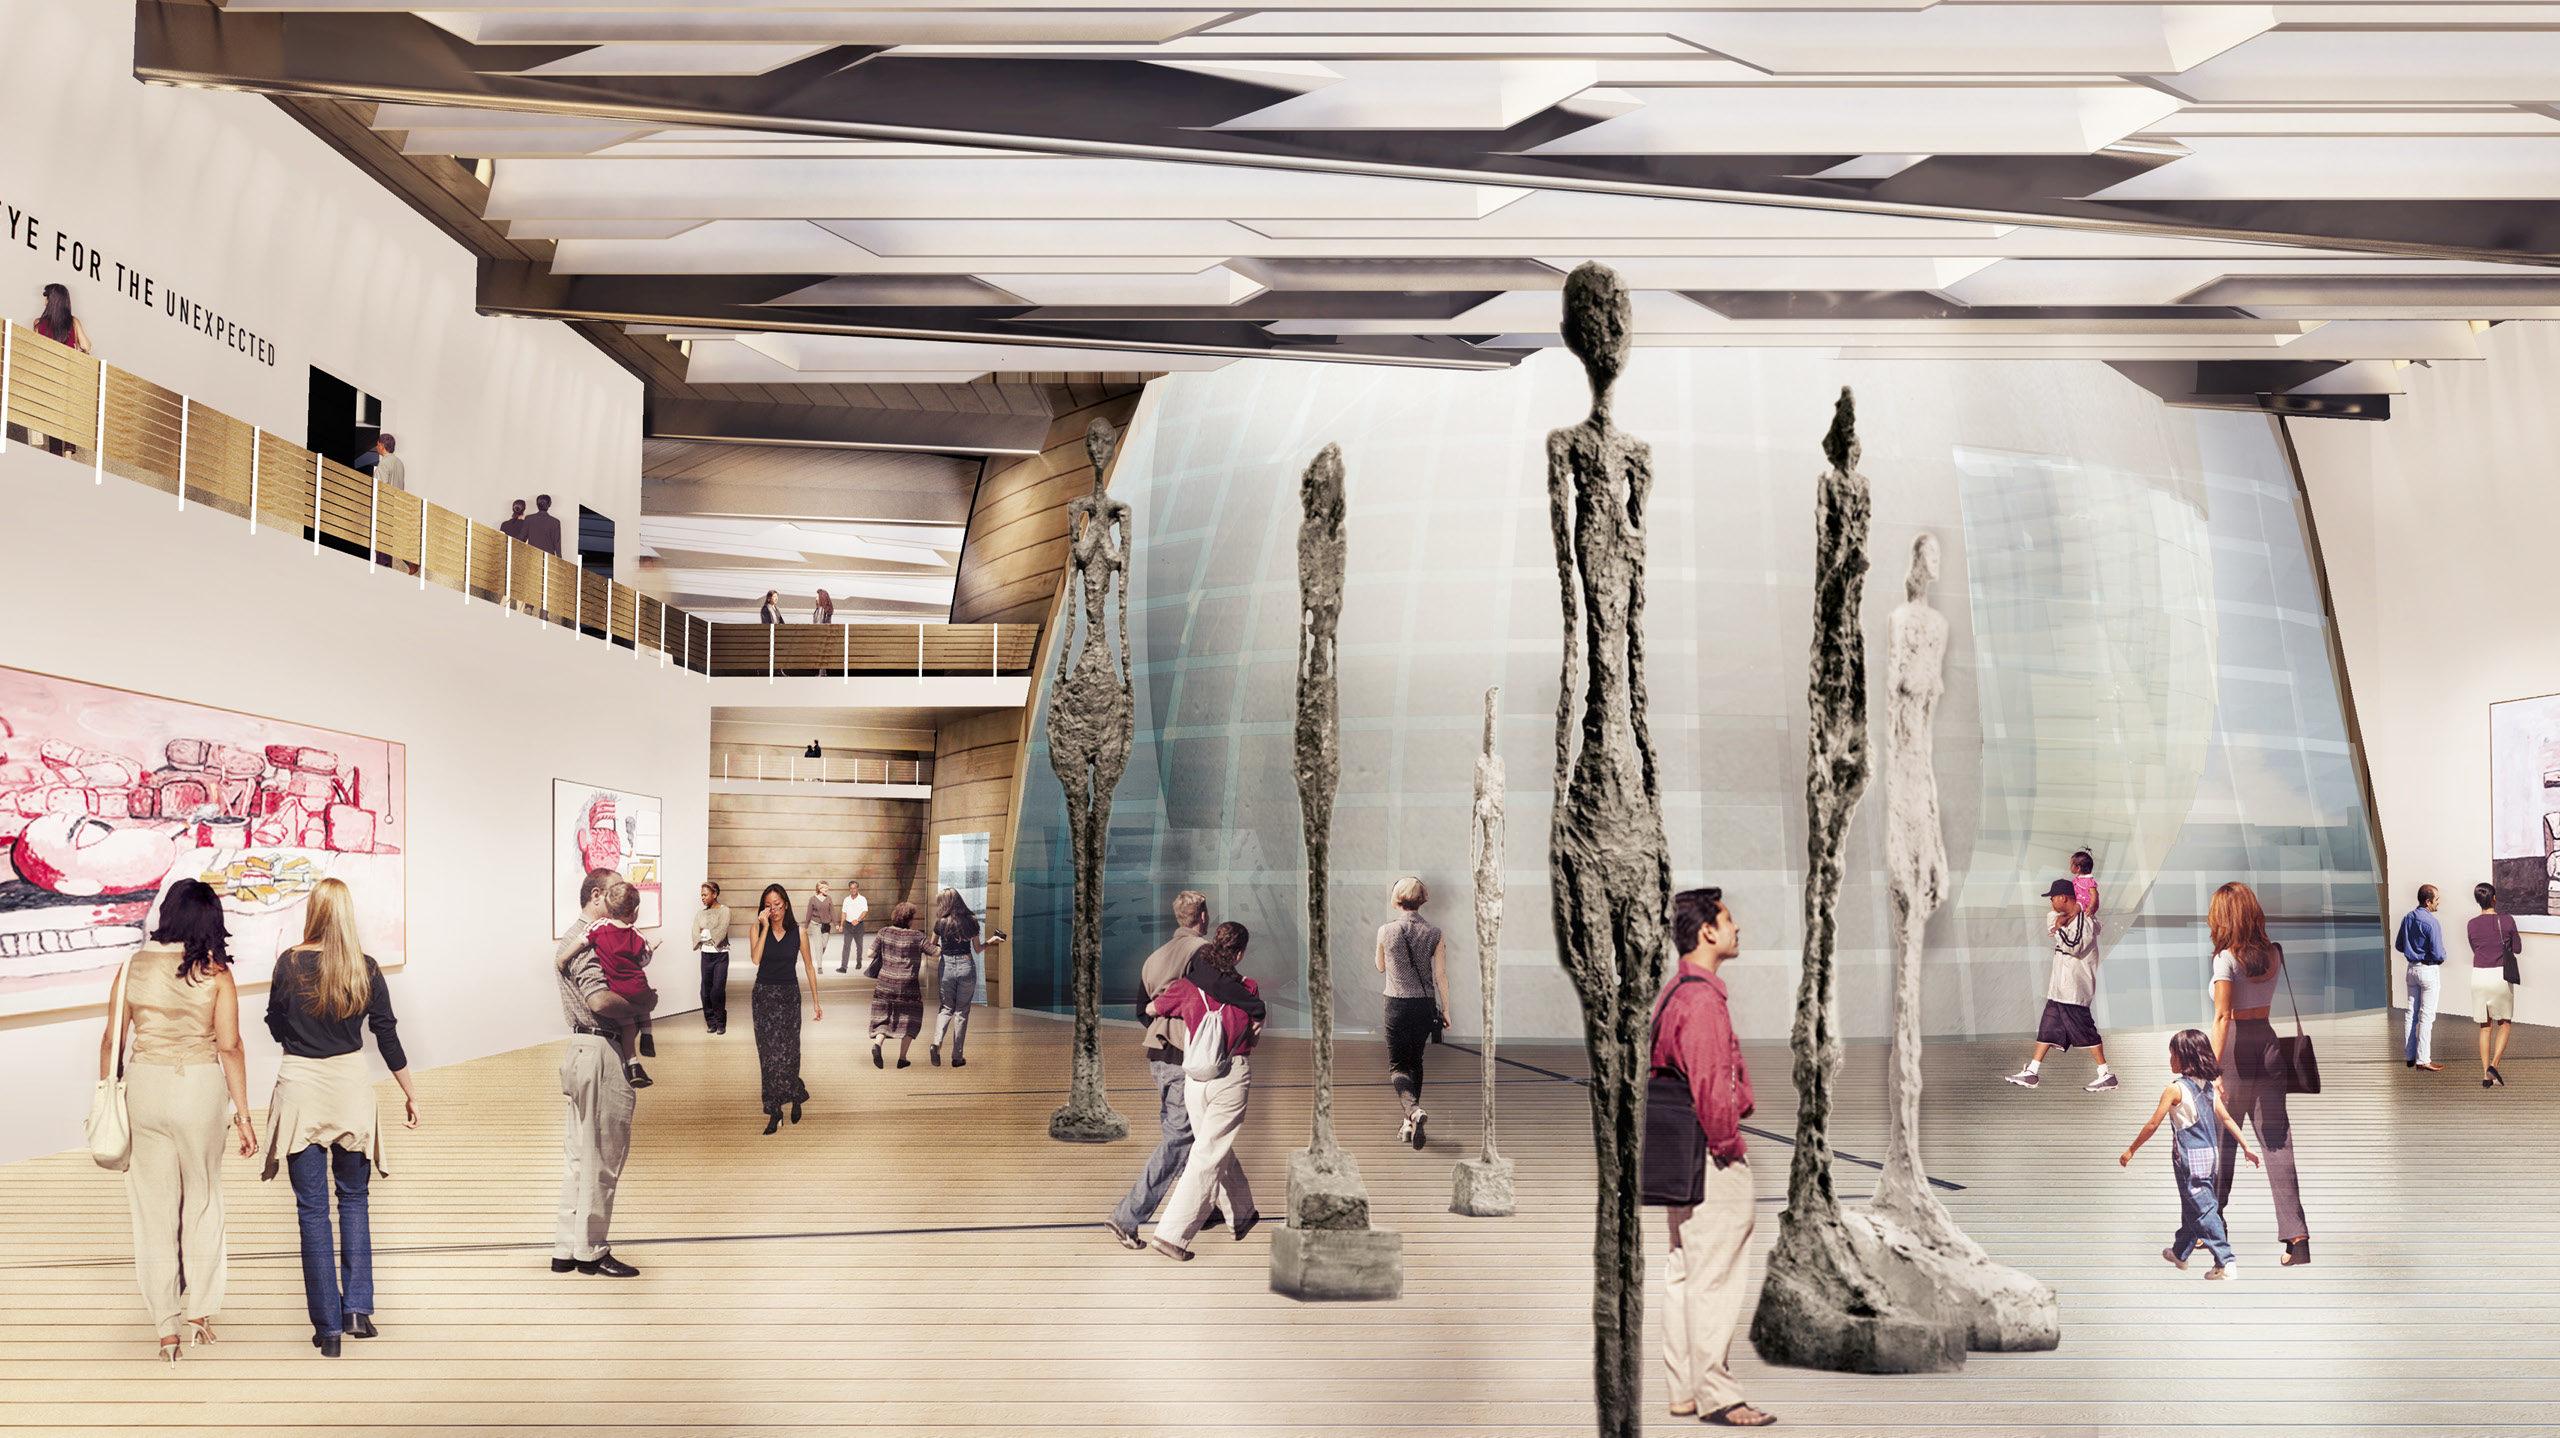 Guggenheim Helsinki Eric Owen Moss Architects